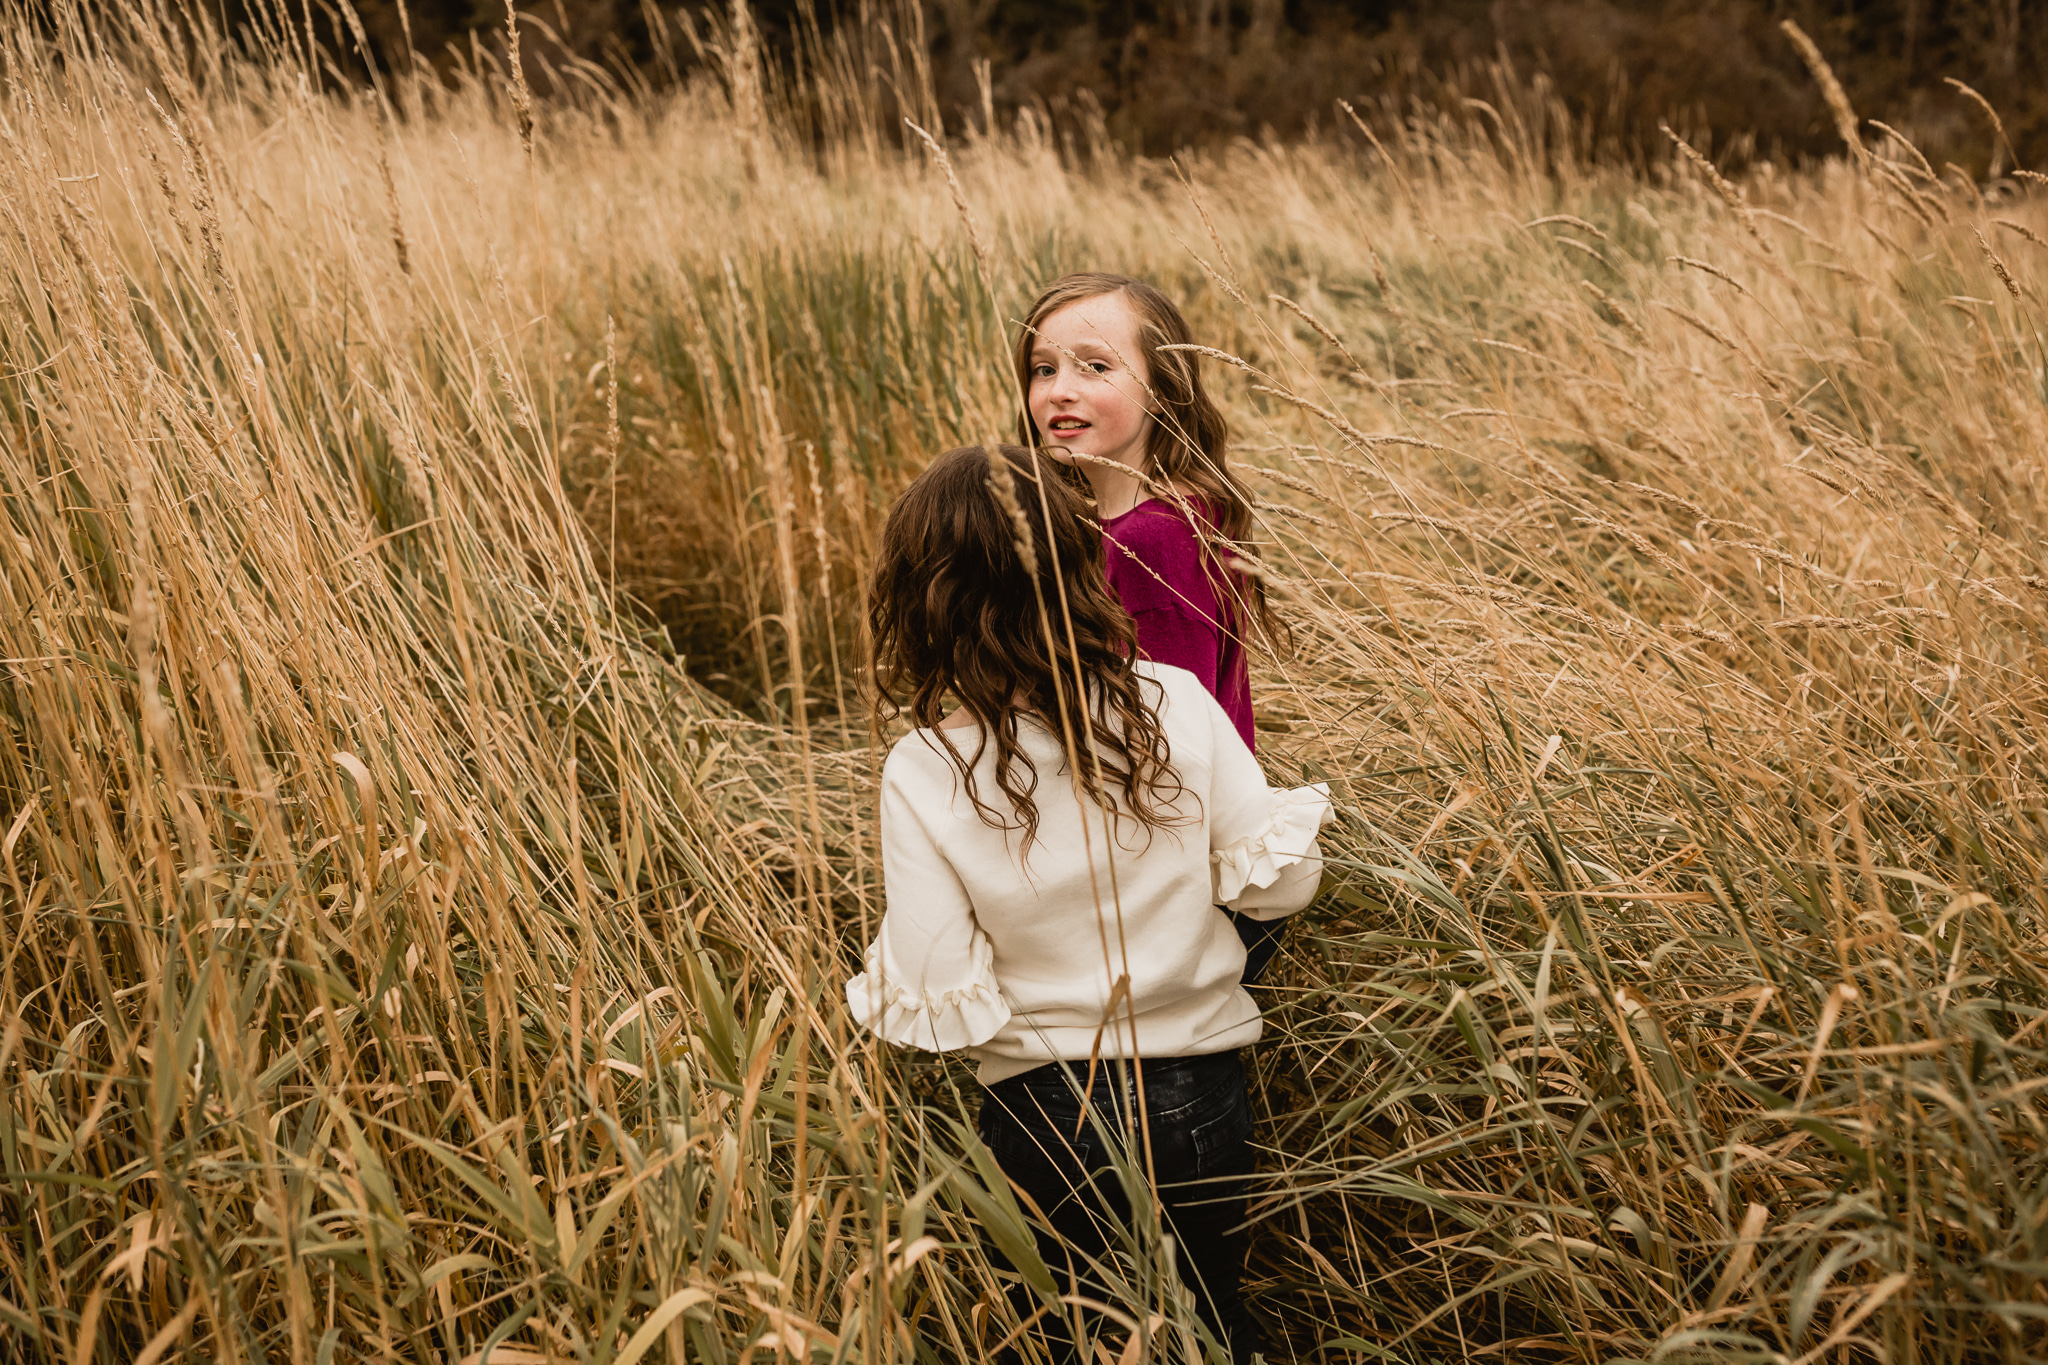 Alina-Joy-Photography-Cold-Lake-Lifestyle-Photographer-293.jpg